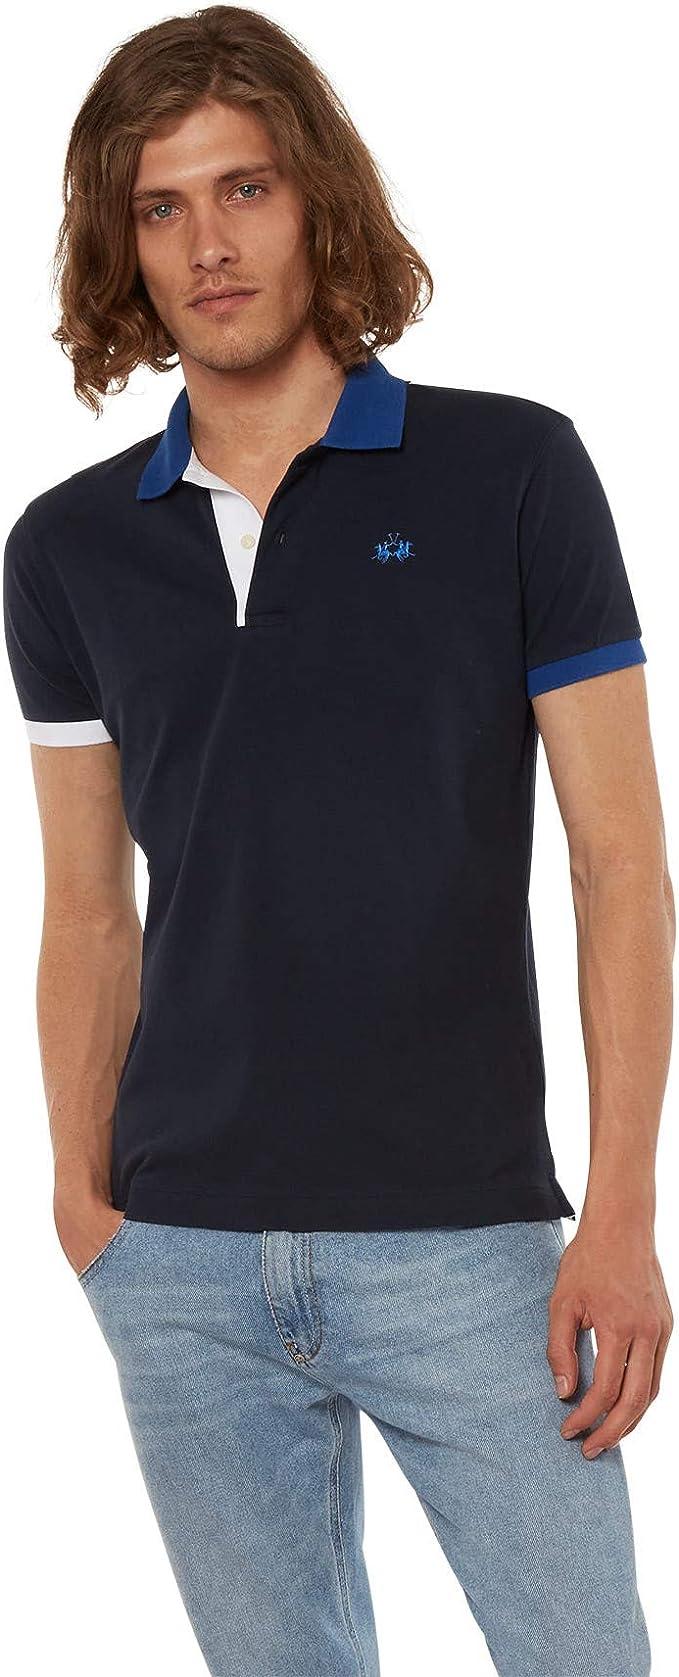 LaMartina T-Shirt Uomo